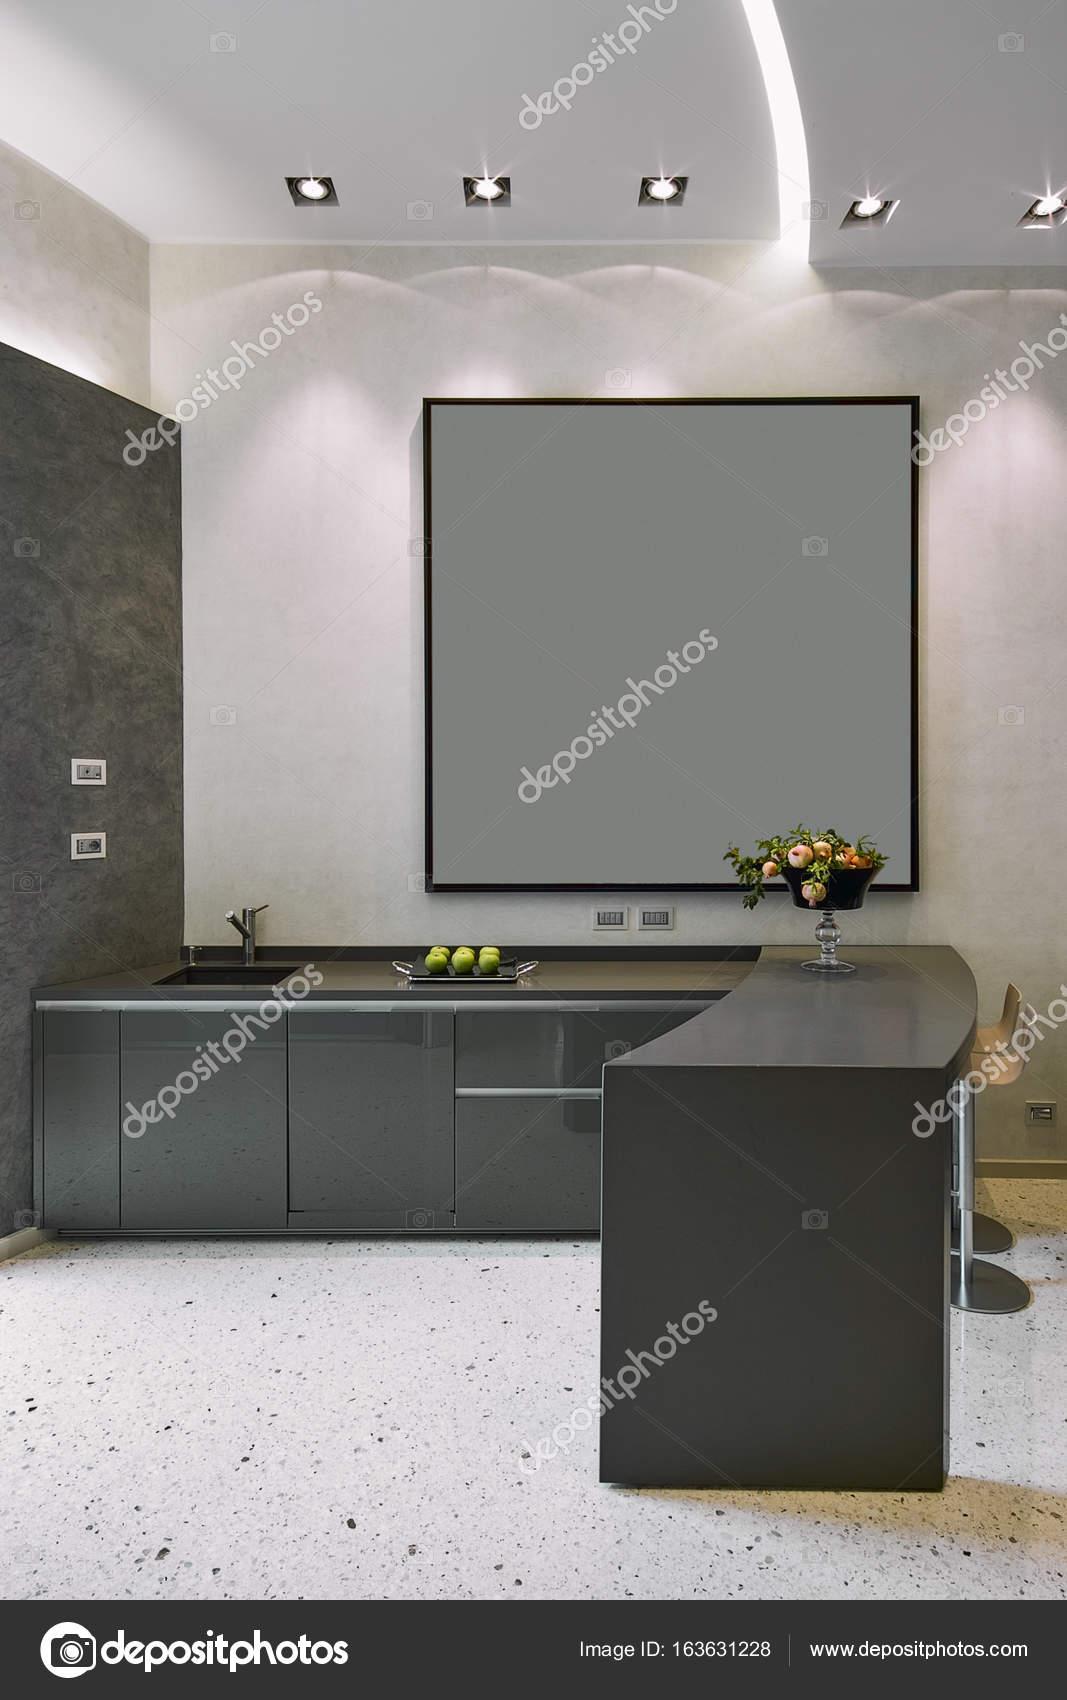 Interieur Aufnahmen einer modernen grau lackierte Küche — Stockfoto ...